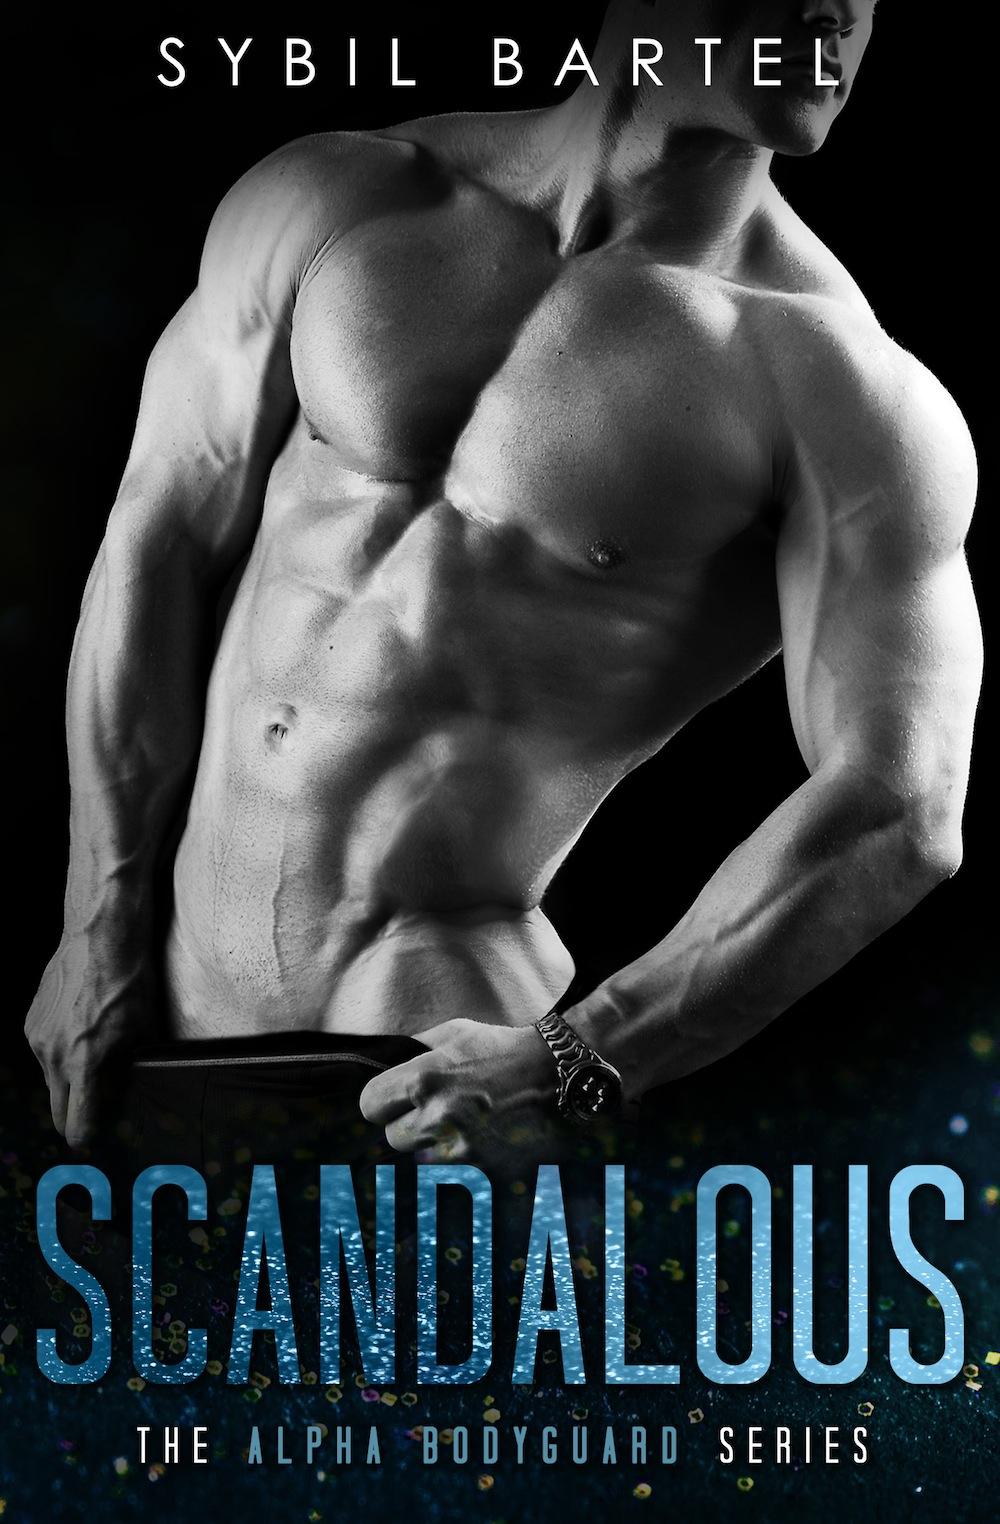 Scandalous.jpg